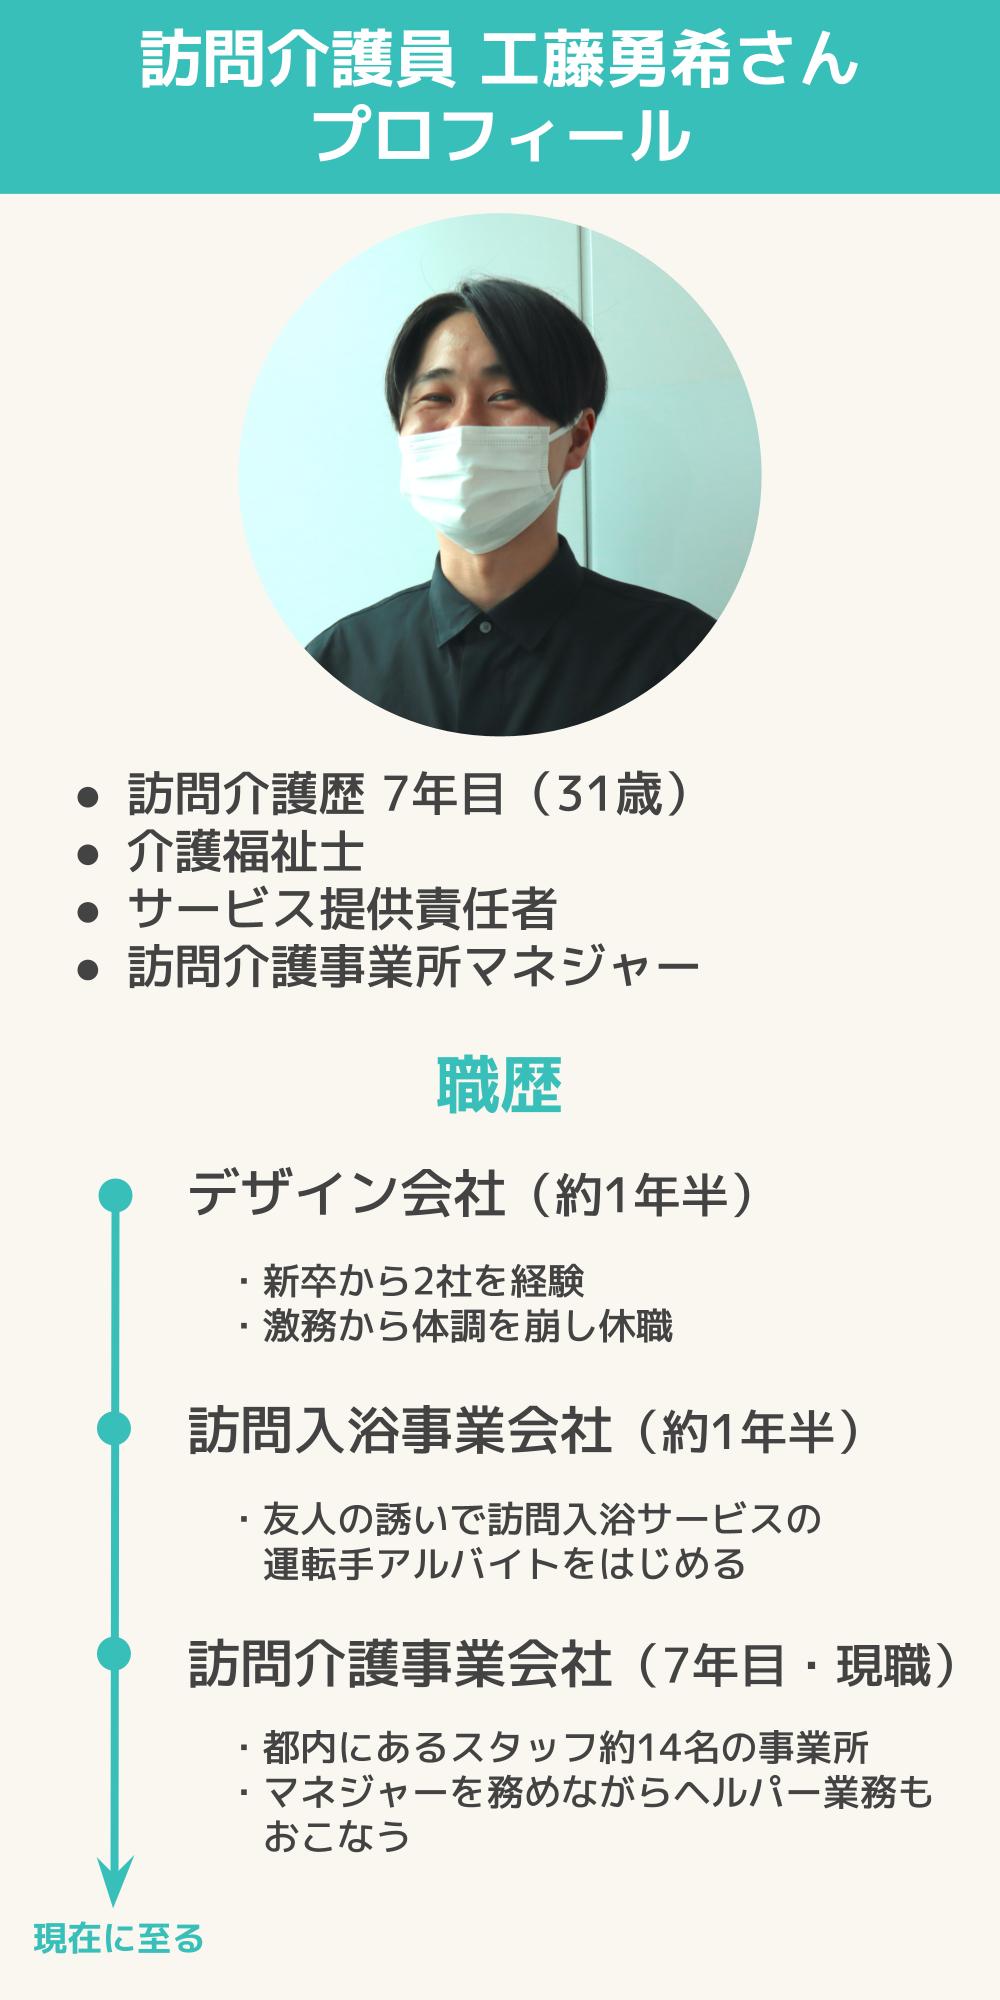 訪問介護員 工藤勇希さんプロフィール